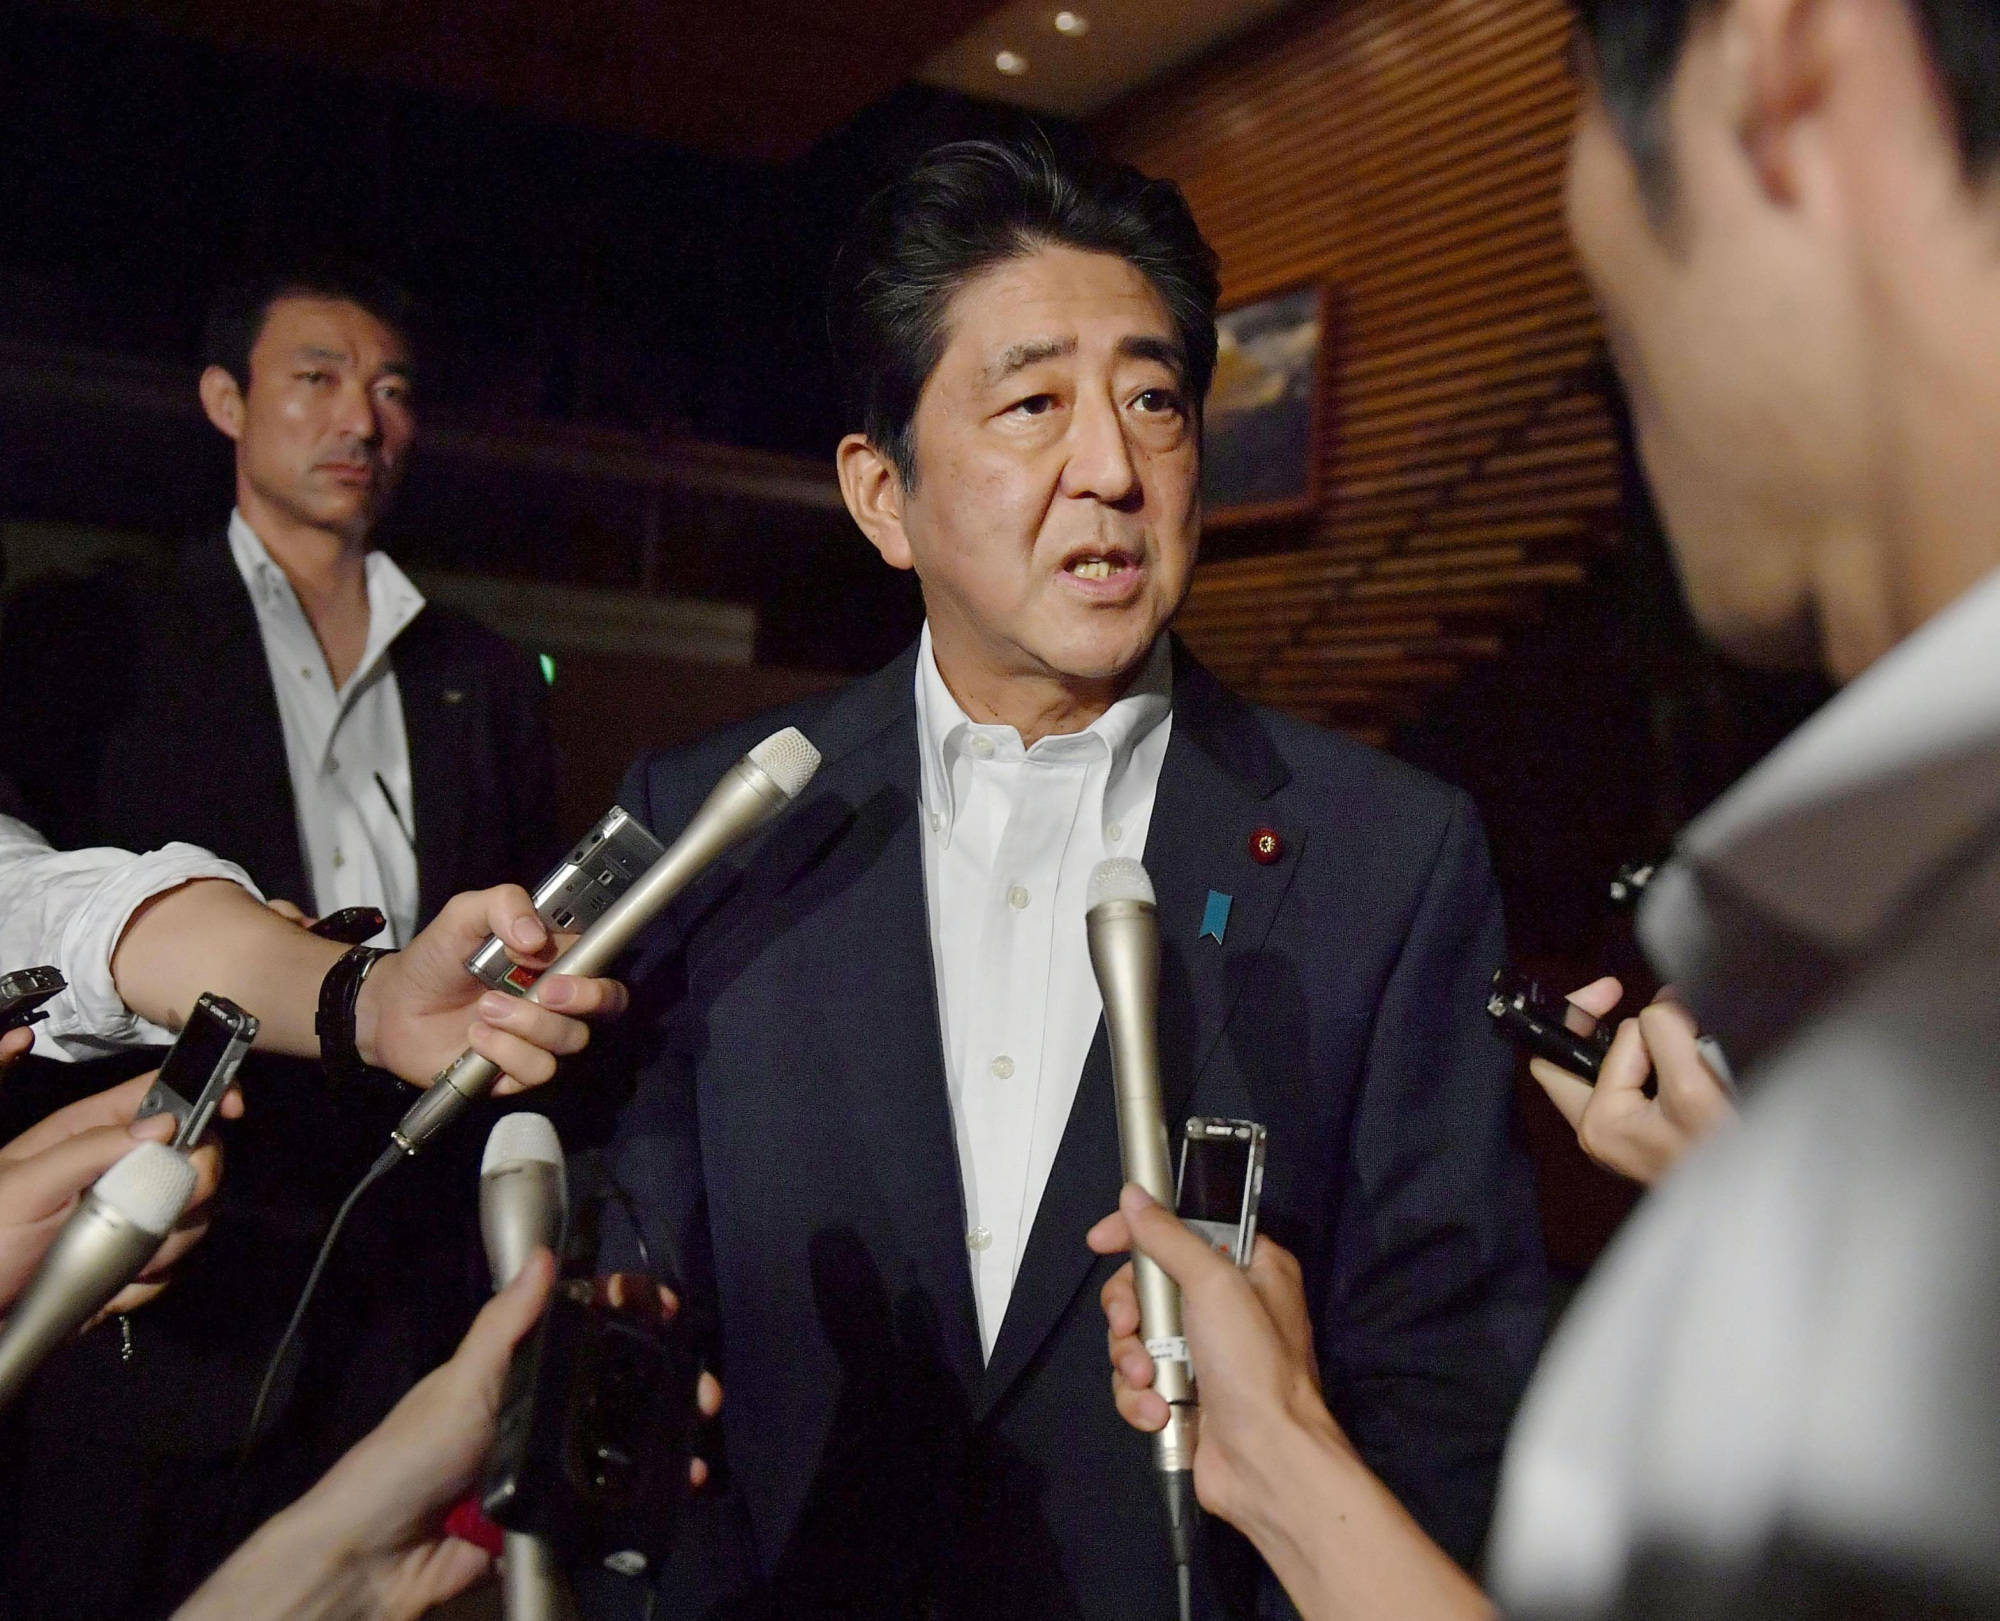 """آبيه: """"سنبذل كل ما بوسعنا للحفاظ على سلامة الشعب الياباني"""""""